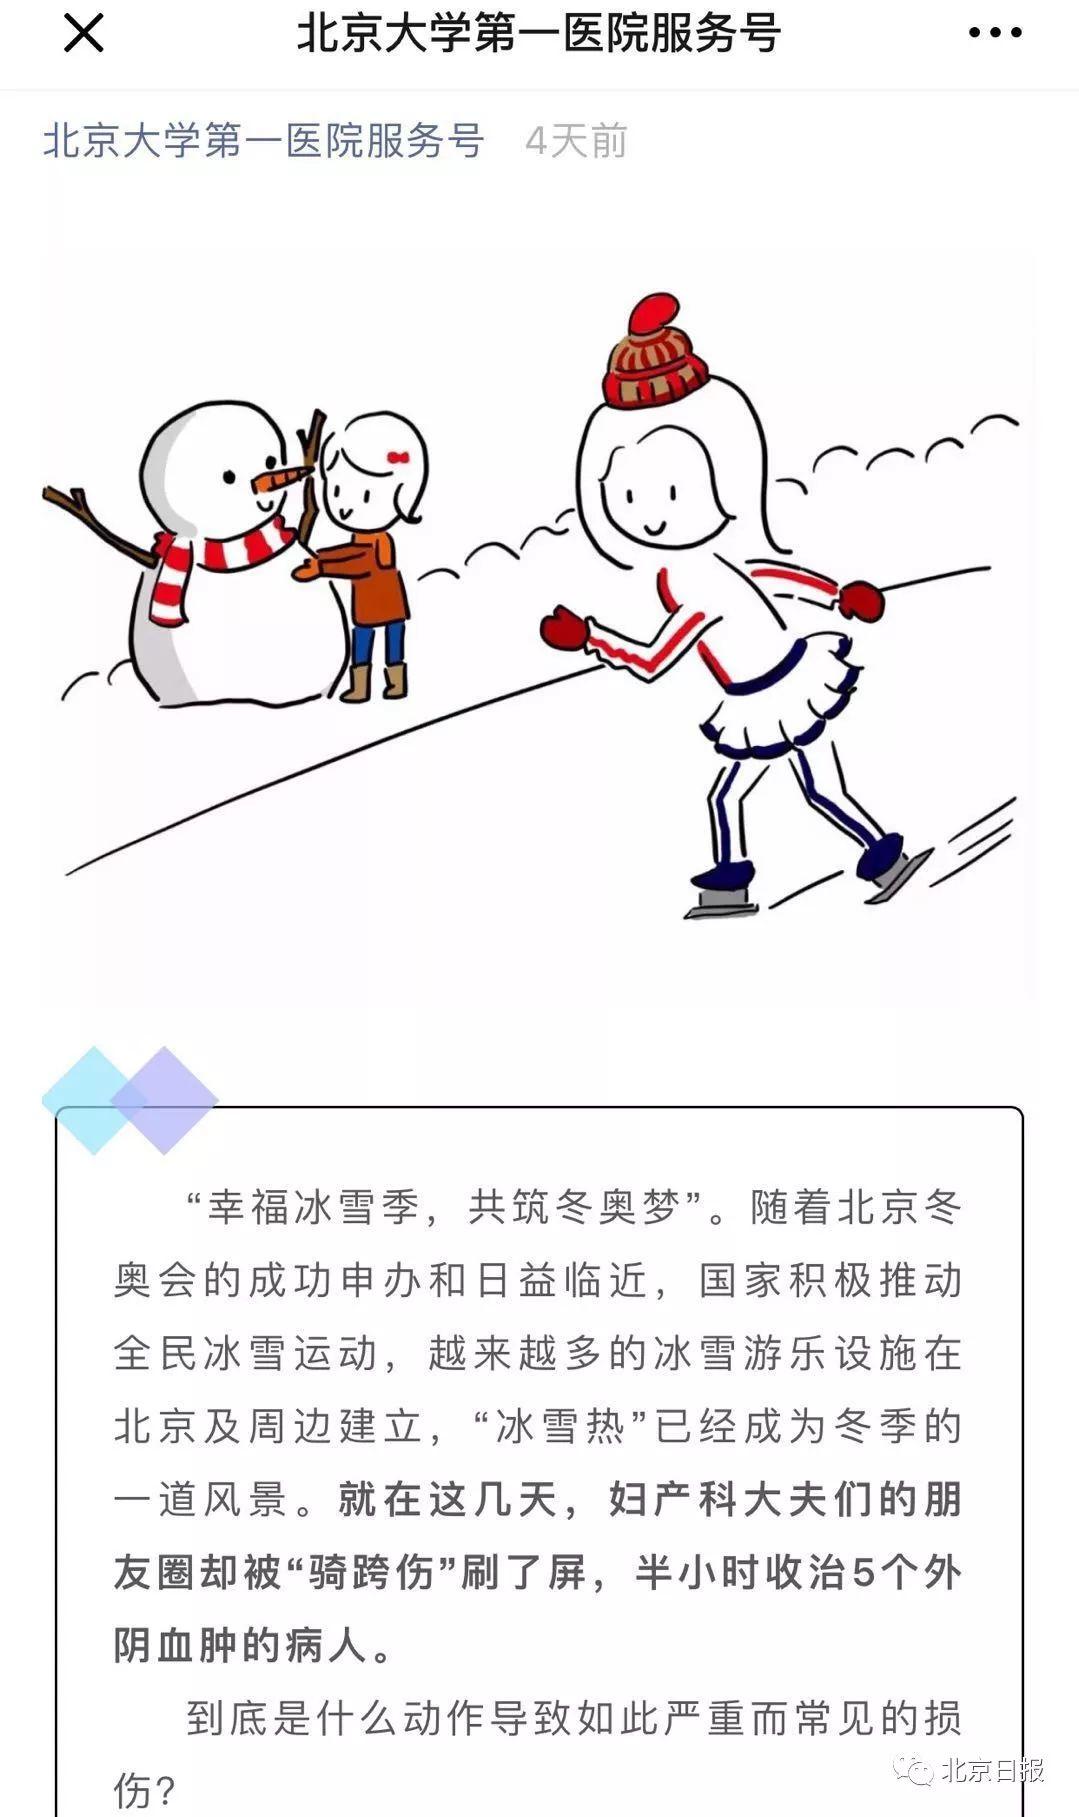 """北京多人在什刹海玩冰车时受伤 关于""""骑跨伤""""这些知识得知"""